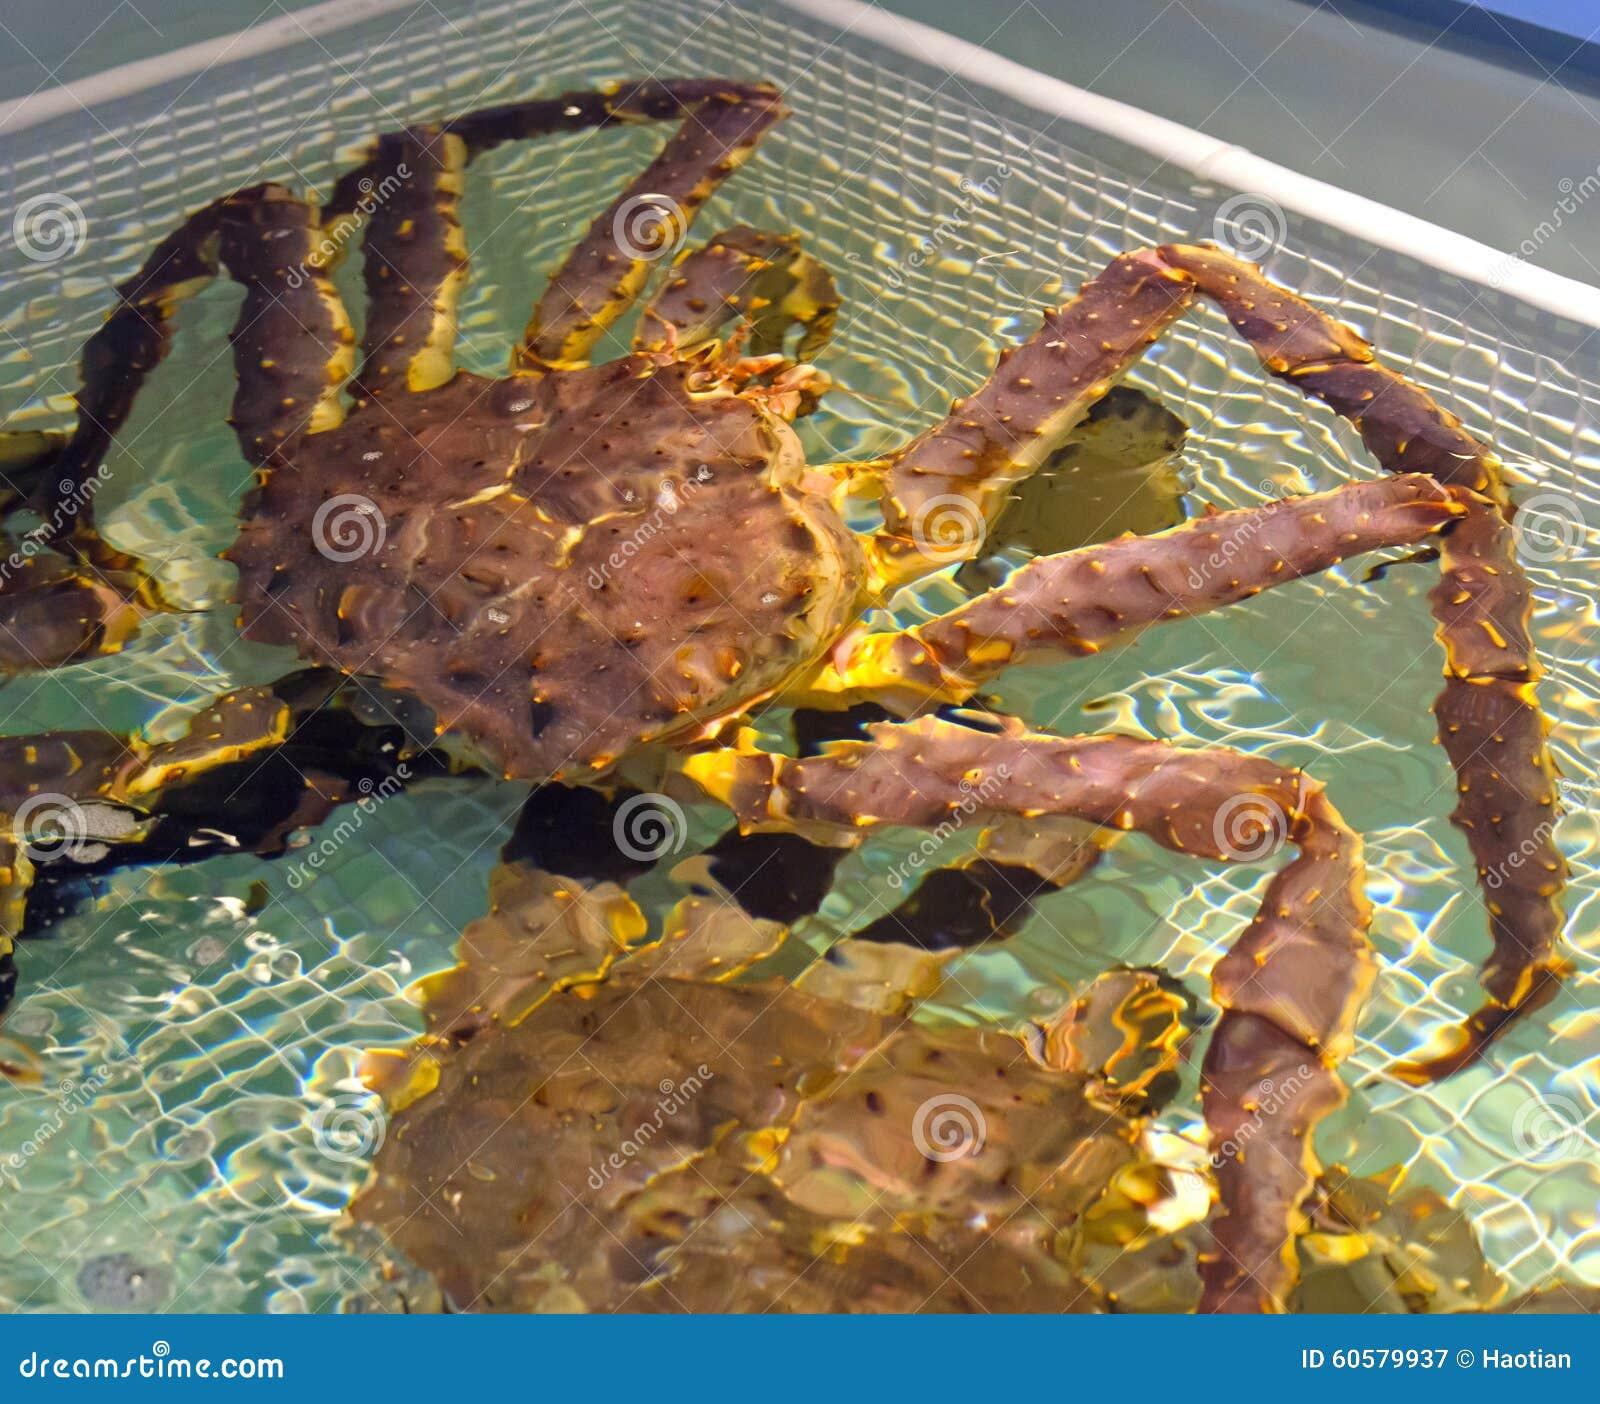 Live Alaskan Crabs